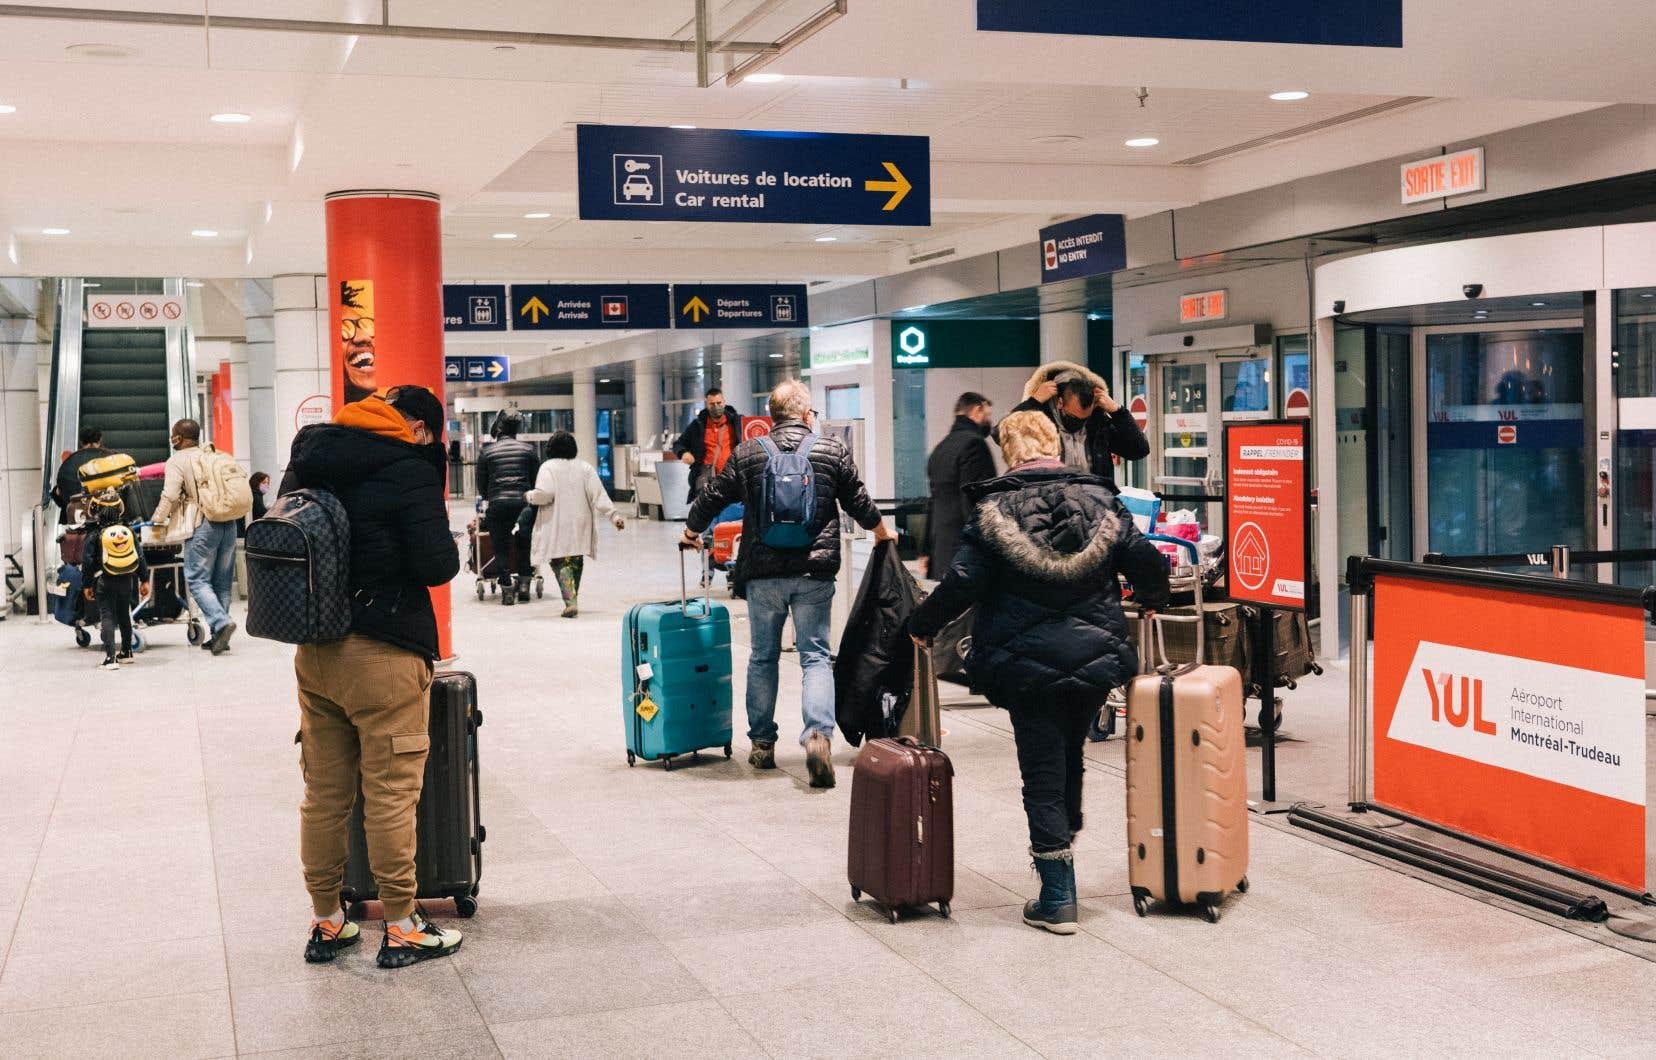 Au cours des prochaines semaines, l'ARC retardera le traitement des demandes des personnes en isolement ou en quarantaine en raison d'un voyage à l'étranger qui couvrent une période débutant le 3janvier ou à une date ultérieurejusqu'à ce que le processus législatif soit achevé.